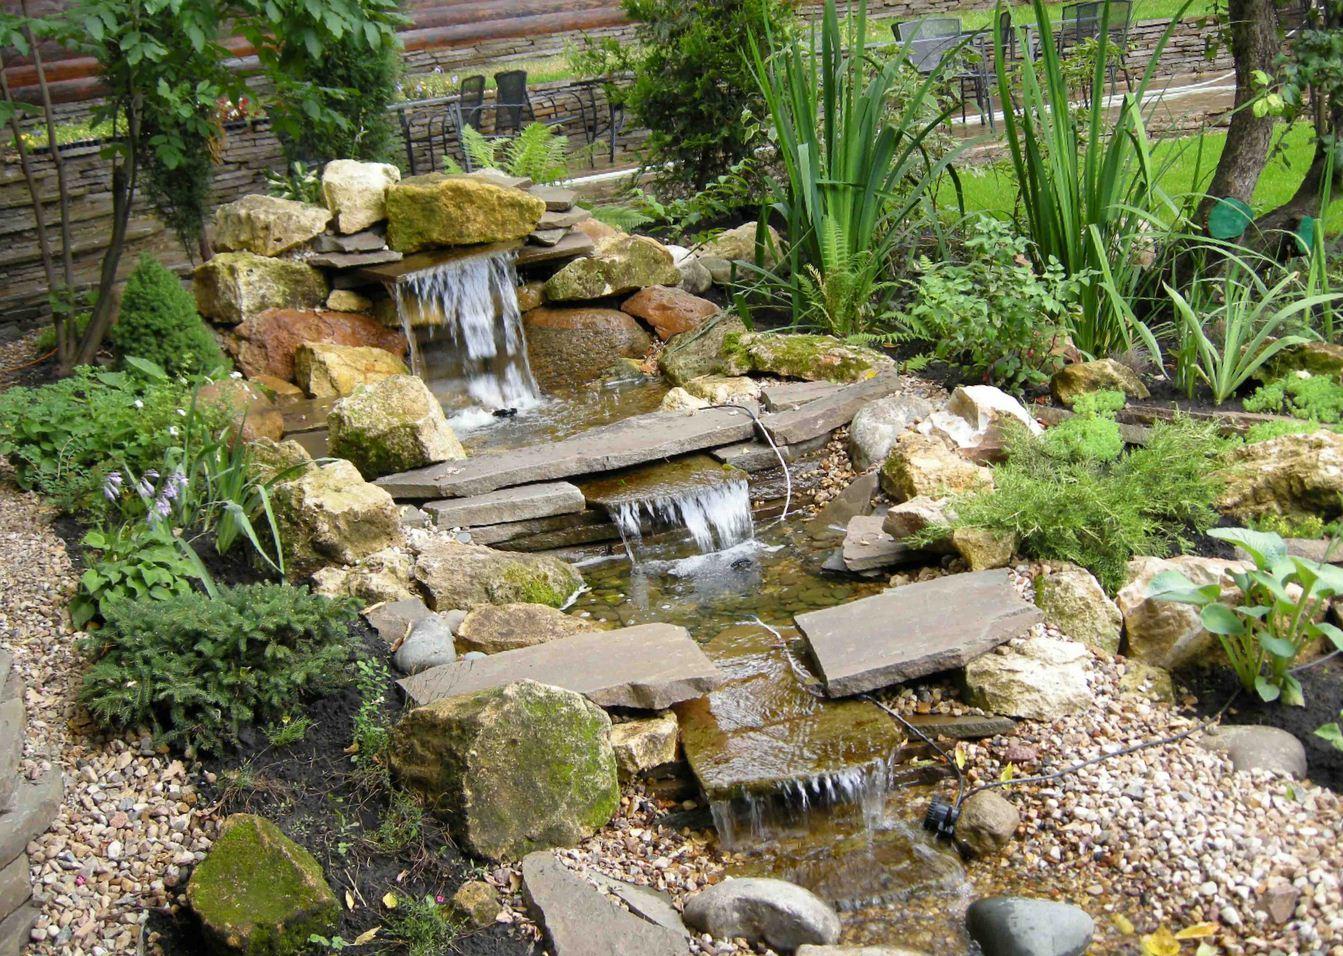 Натурально смотрится каскад водоемов с ручьем и водопадом только на фоне крупной альпийской горки или при использовании особенностей рельефа местности. Сооружение не должно быть громоздким, а камни должны иметь естественную форму.